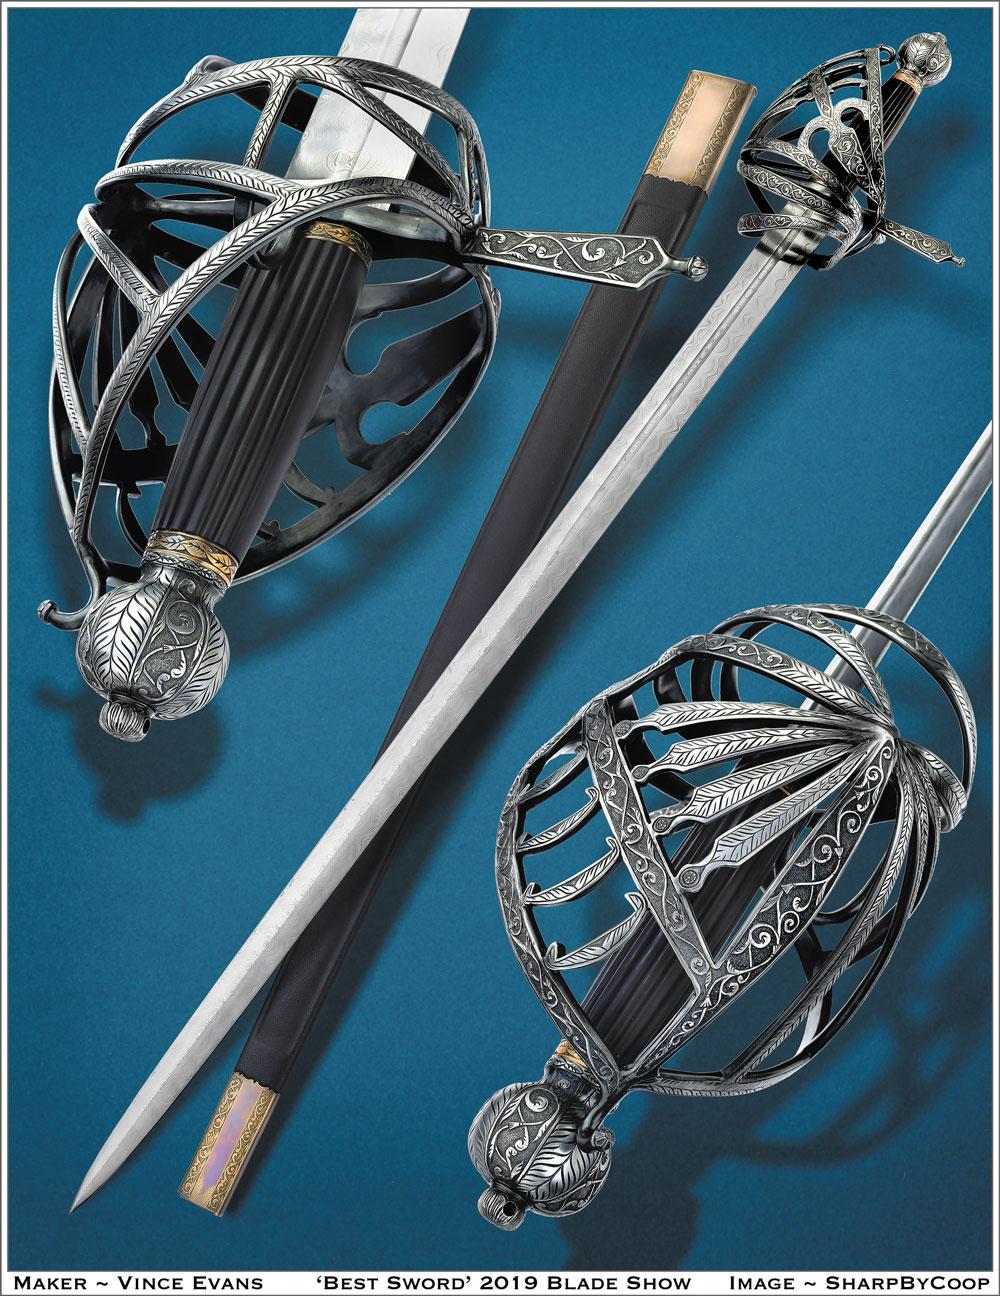 Best in show swords